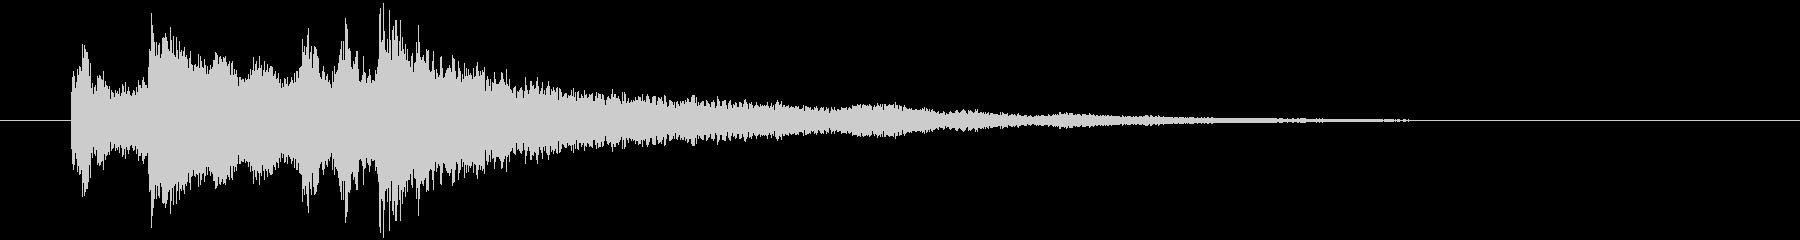 サウンドロゴ  使い易いSEシリーズの未再生の波形